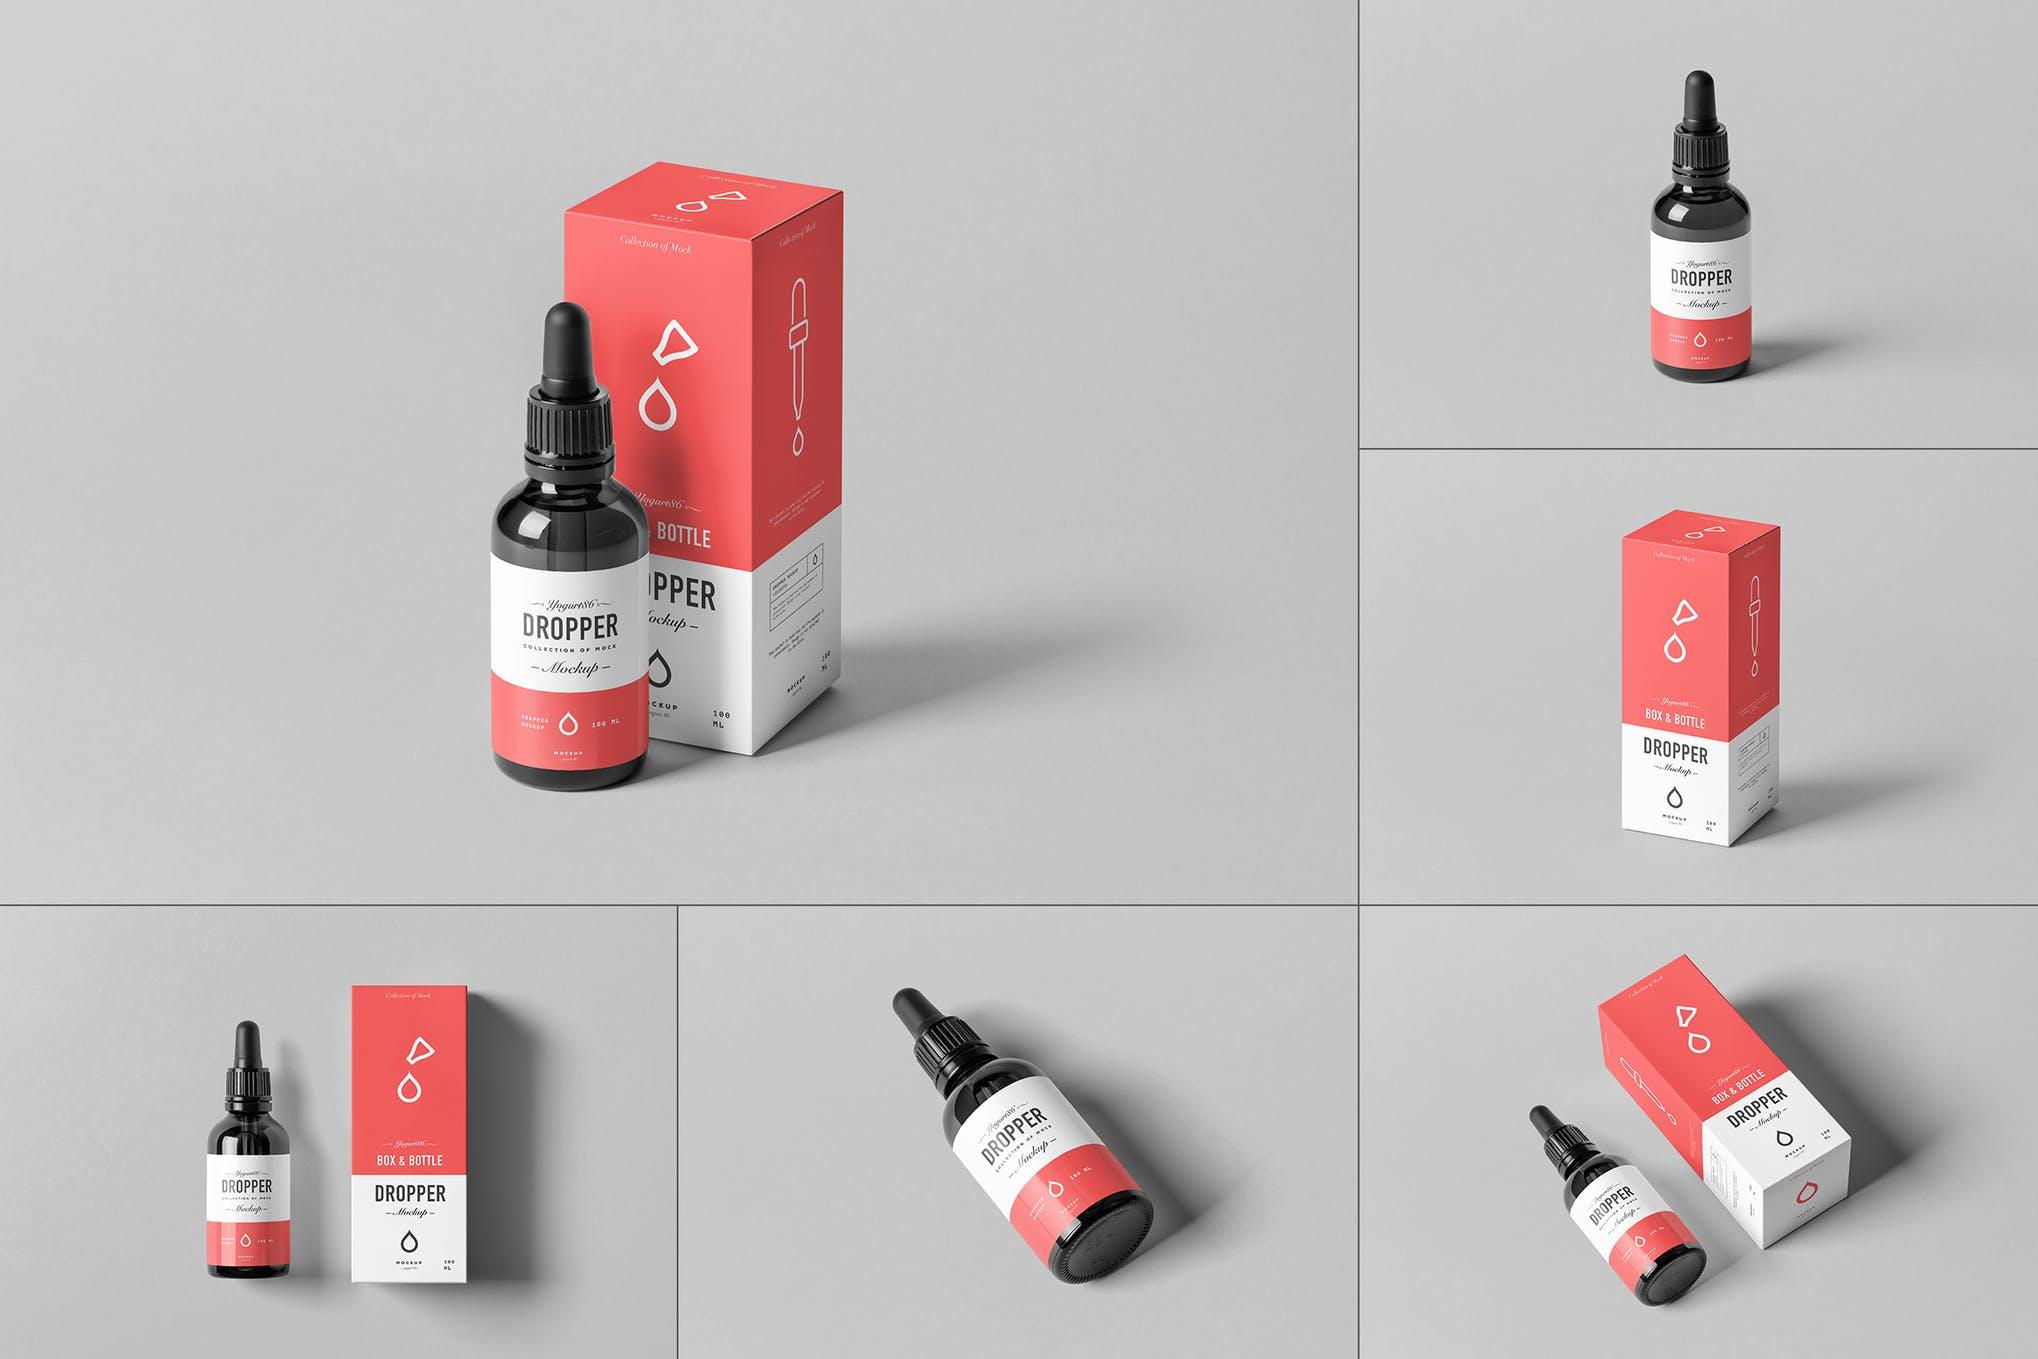 滴瓶带包装盒样机效果图插图(1)